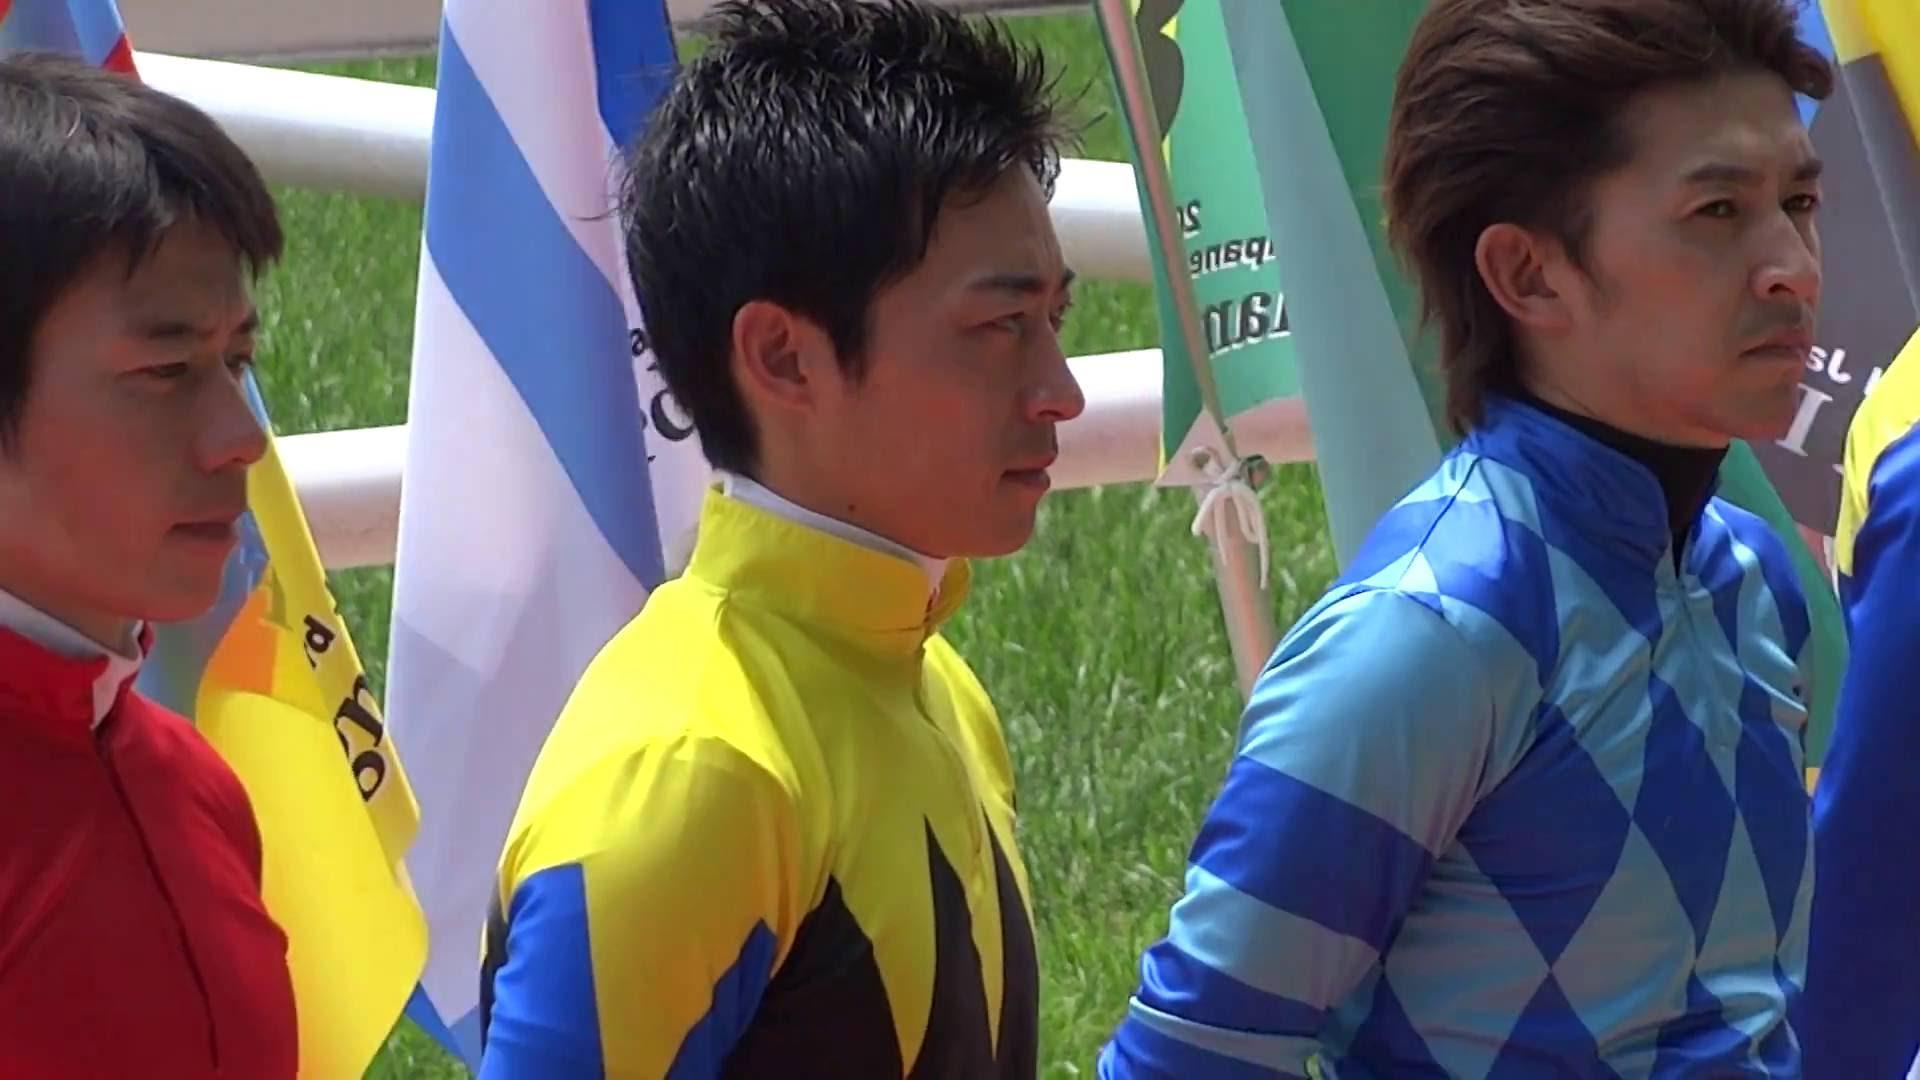 岩田騎手、関西騎手達からもハブられていた……